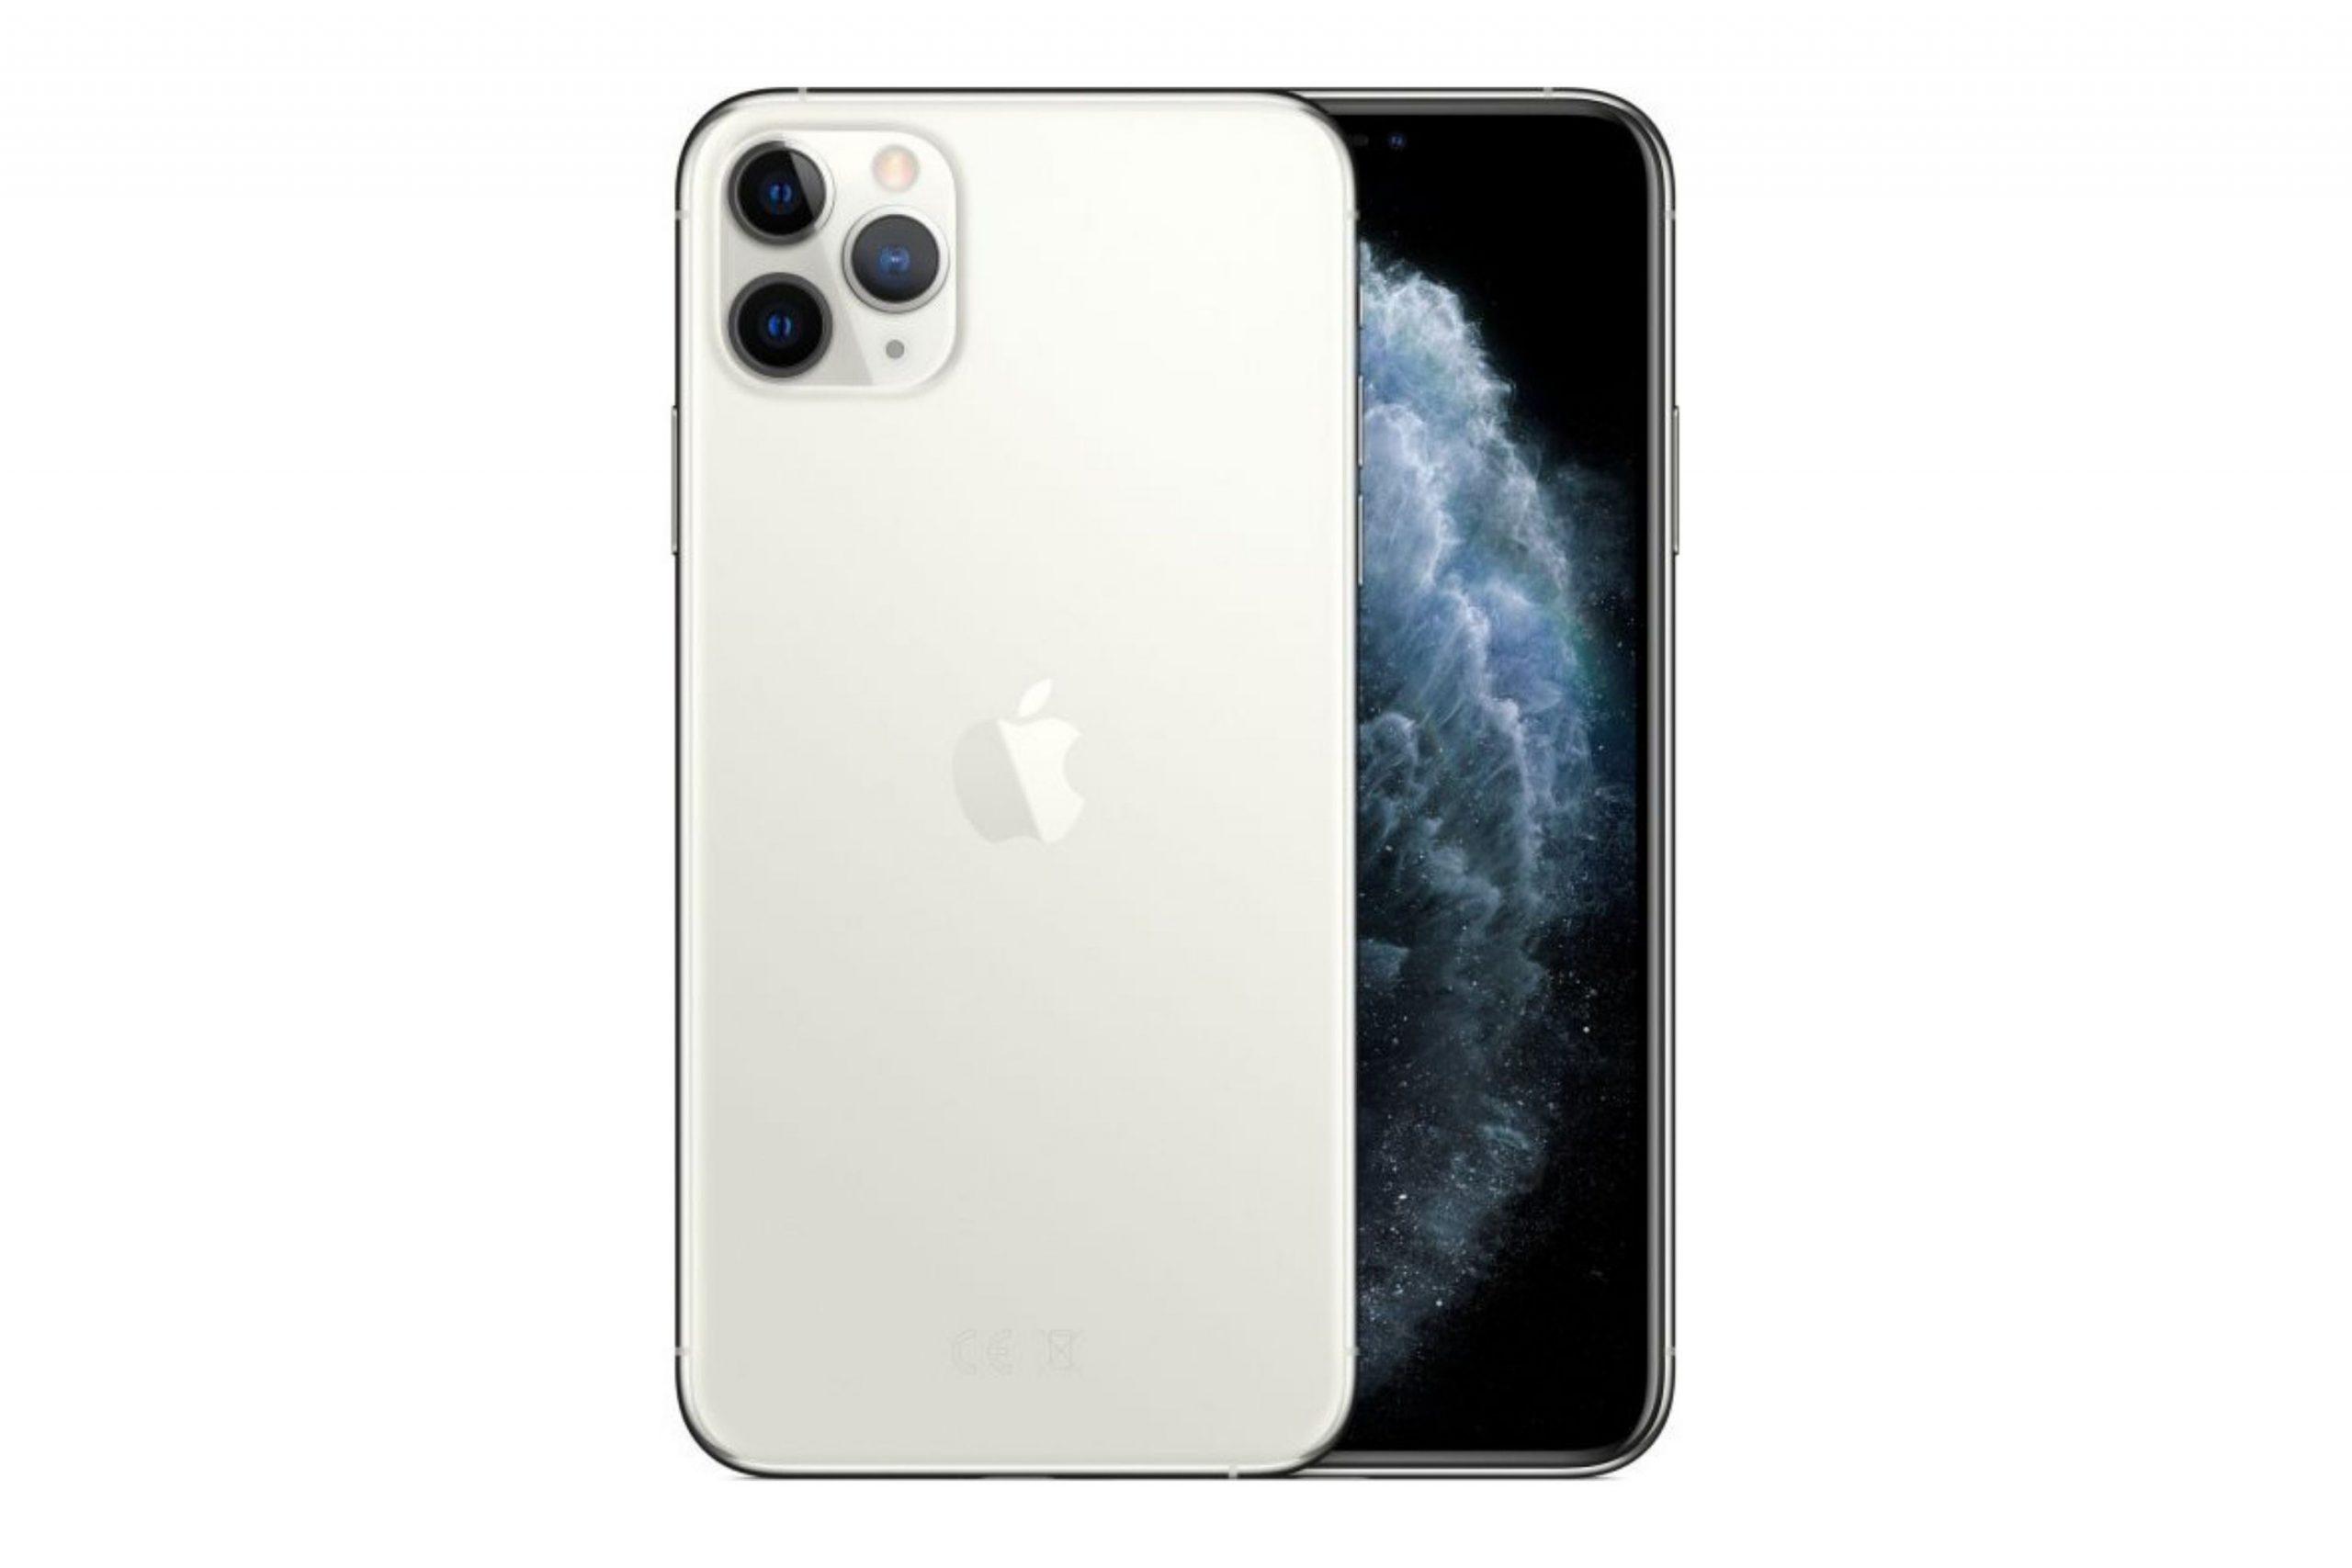 iphone 11 pro repair in kolkata